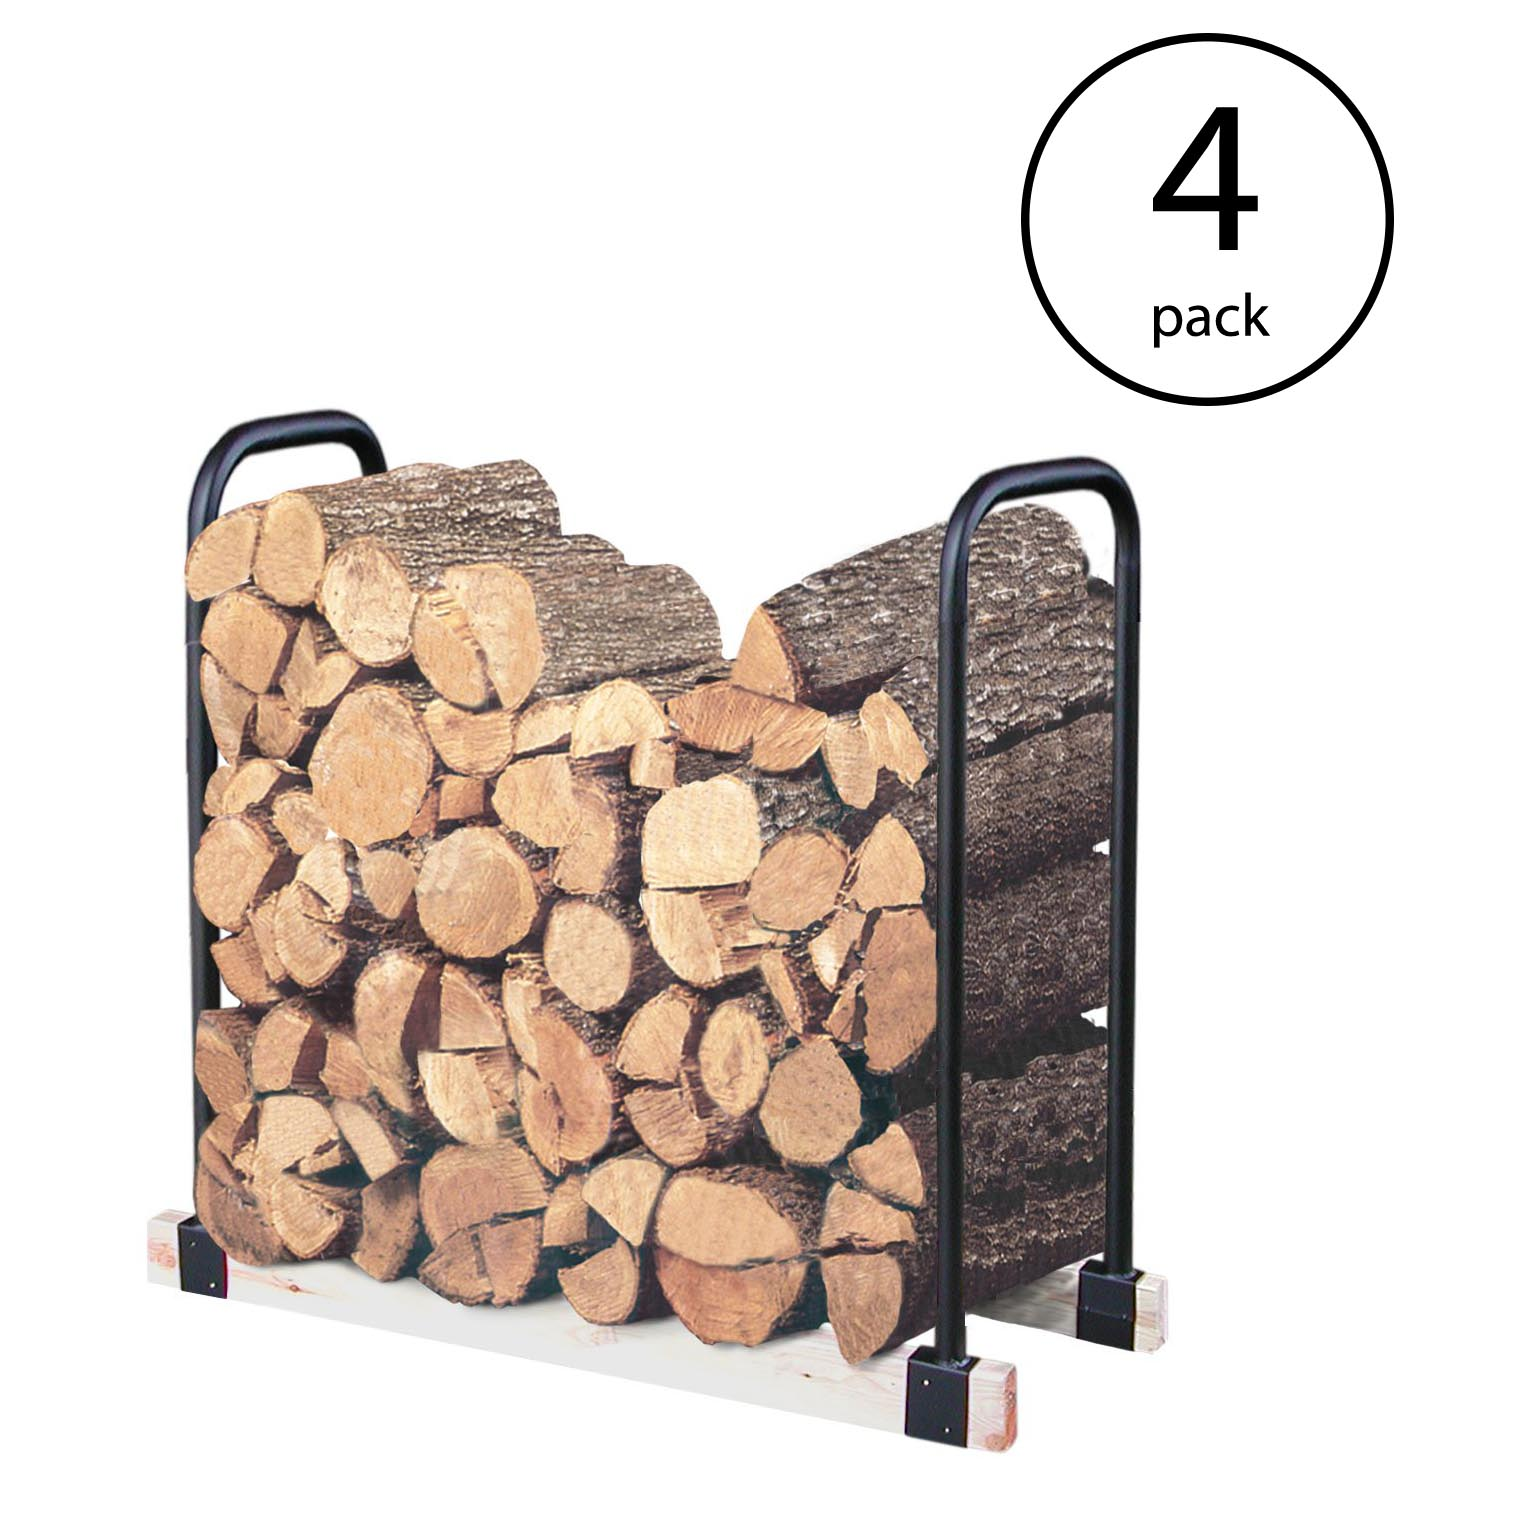 Landmann Adjustable 16 Foot Tubular Steel Firewood, Kindling & Log Rack (4 Pack)